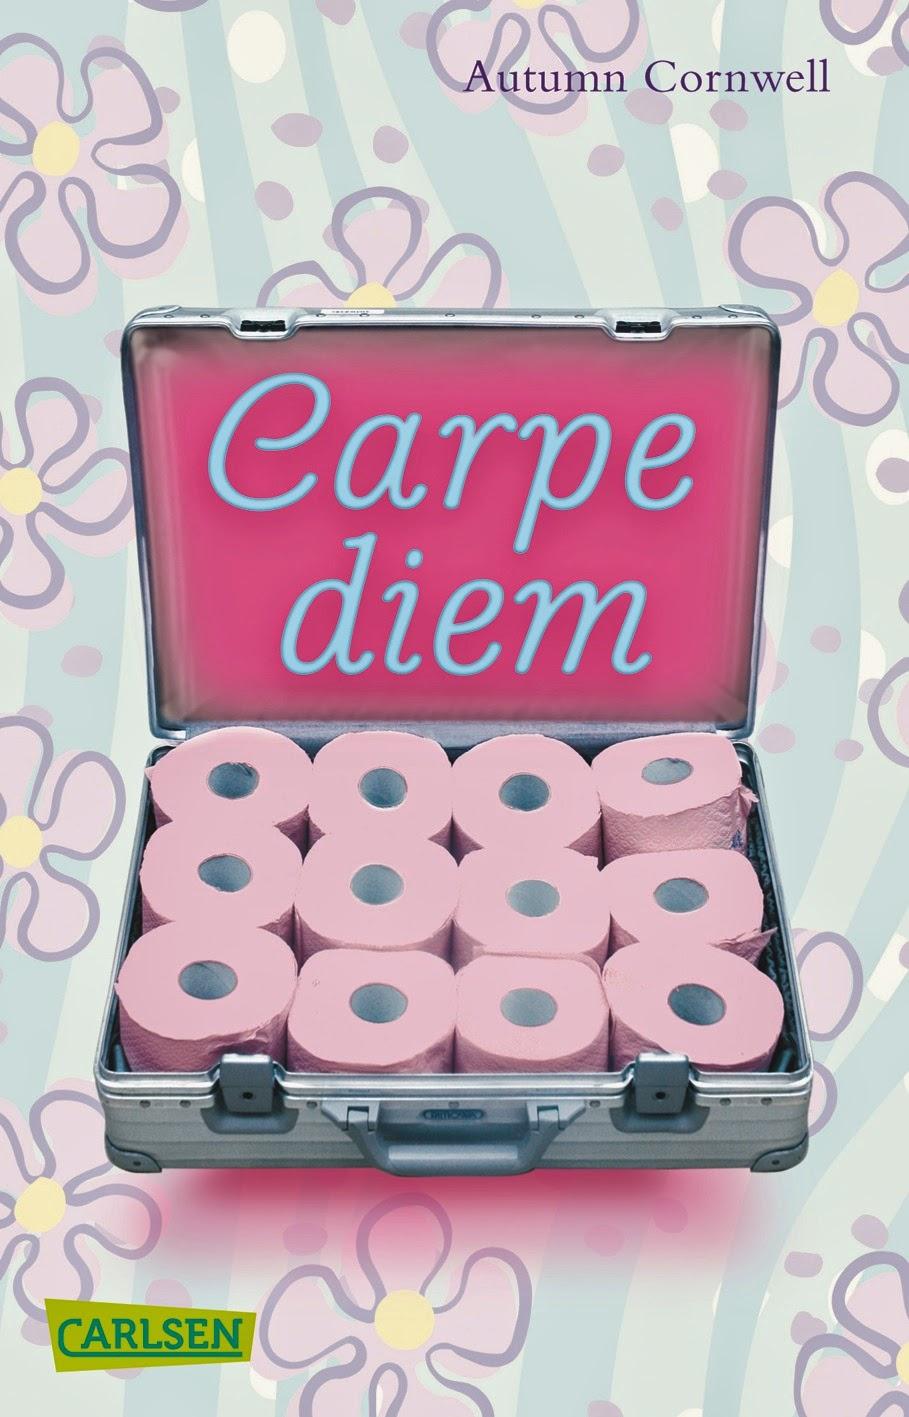 http://www.carlsen.de/taschenbuch/carpe-diem/17814#Inhalt